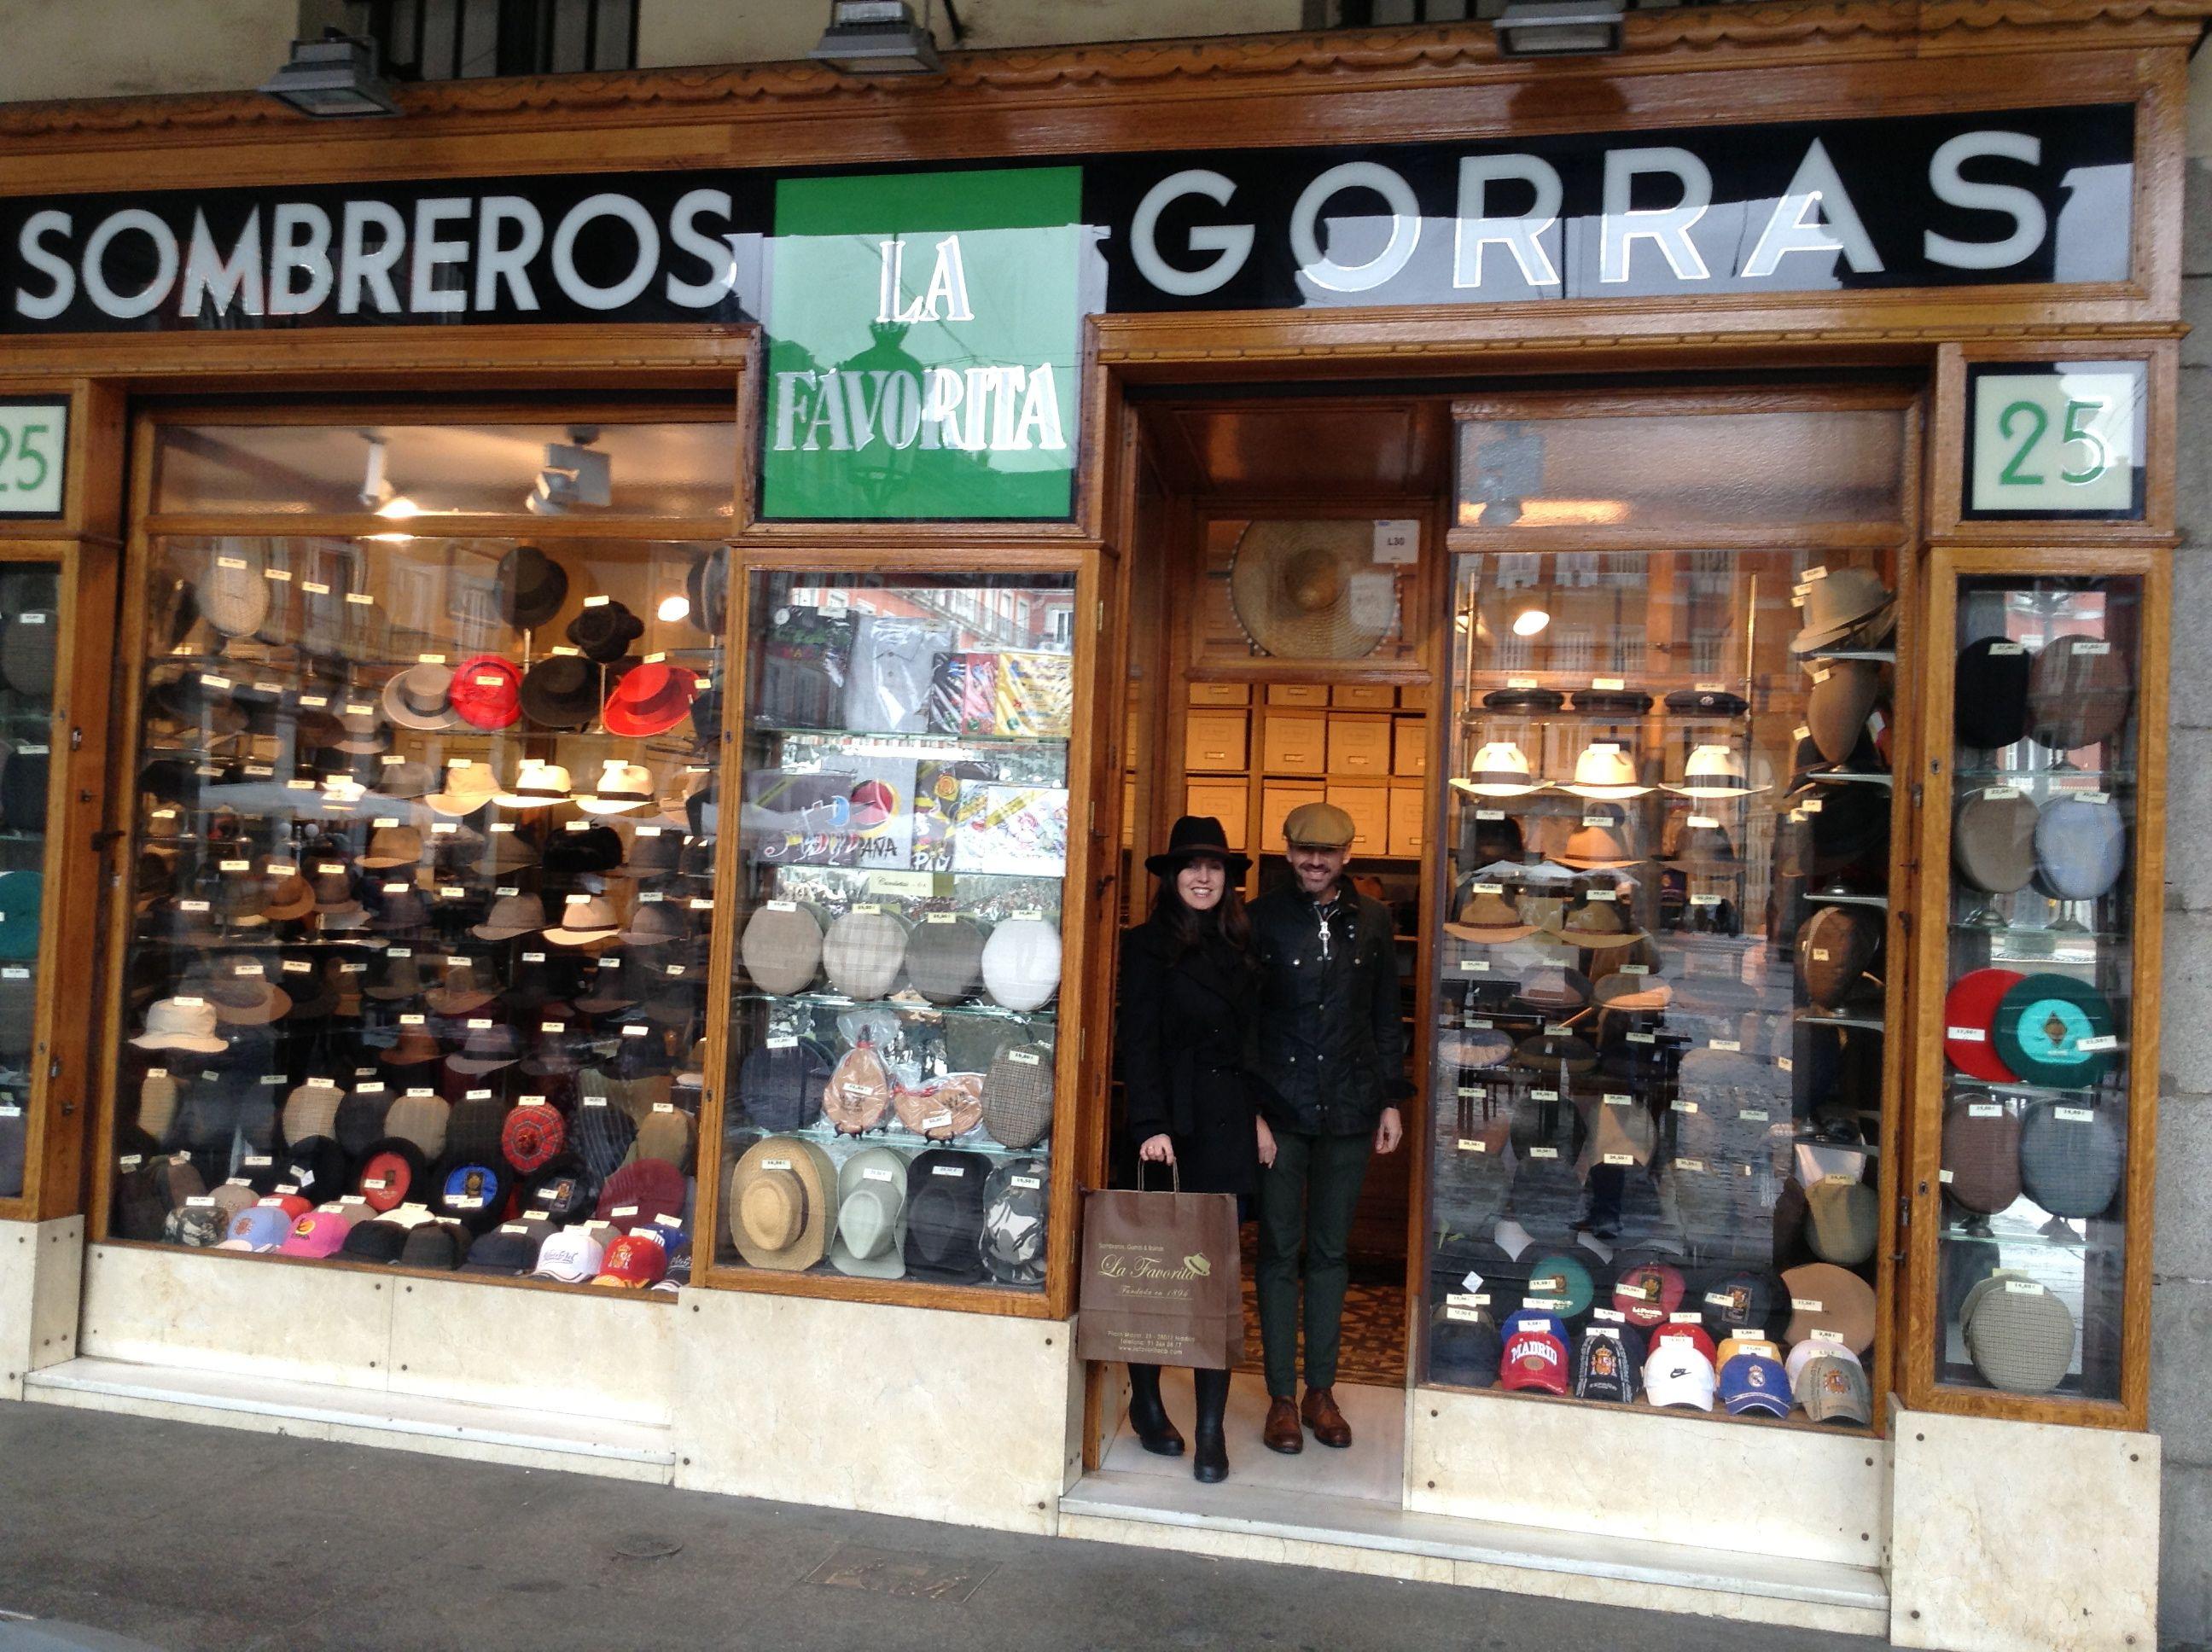 Tienda La Favorita Plaza Mayor 25 De Madrid Desde 1894 La